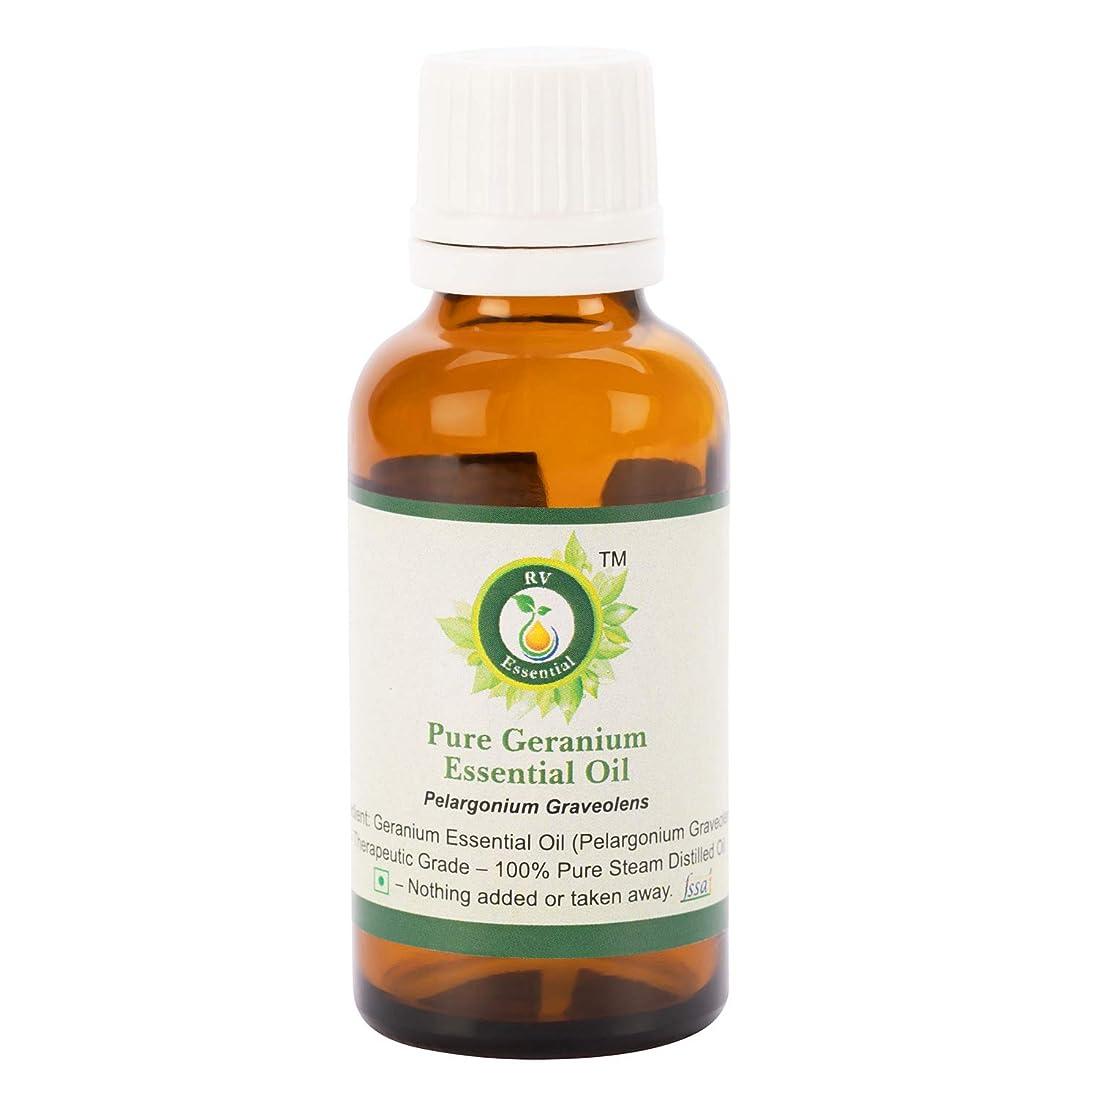 リーズ鉛筆タンカーピュアゼラニウムエッセンシャルオイル300ml (10oz)- Pelargonium Graveolens (100%純粋&天然スチームDistilled) Pure Geranium Essential Oil